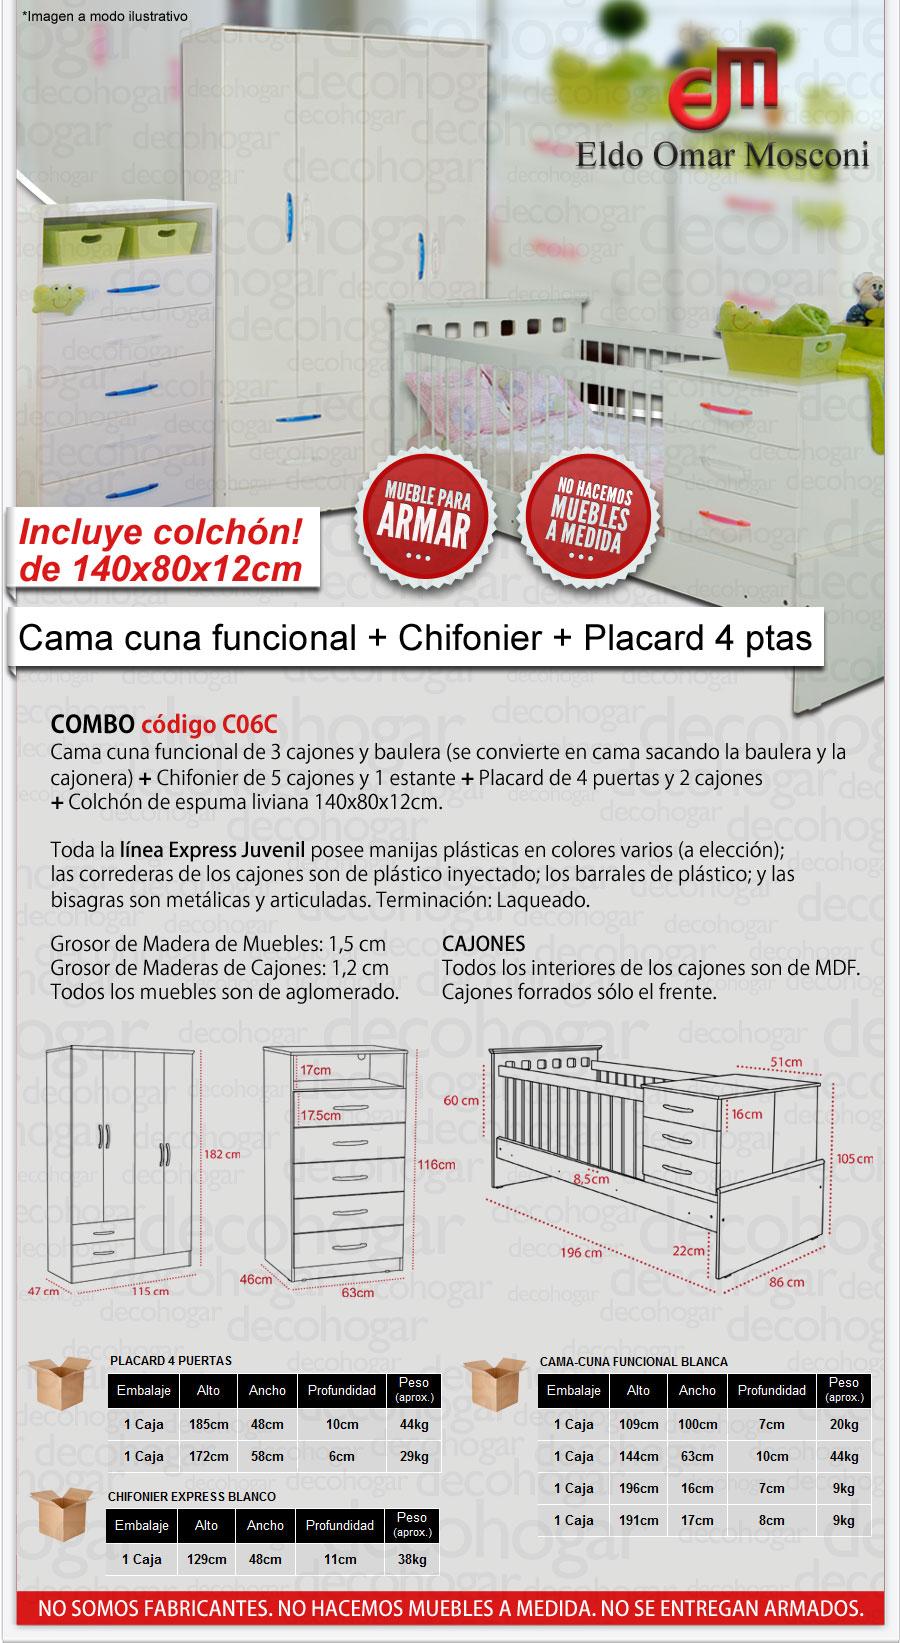 CUNA FUNCIONAL CON COLCHON CHIFONIER Y PLACARD MOSCONI